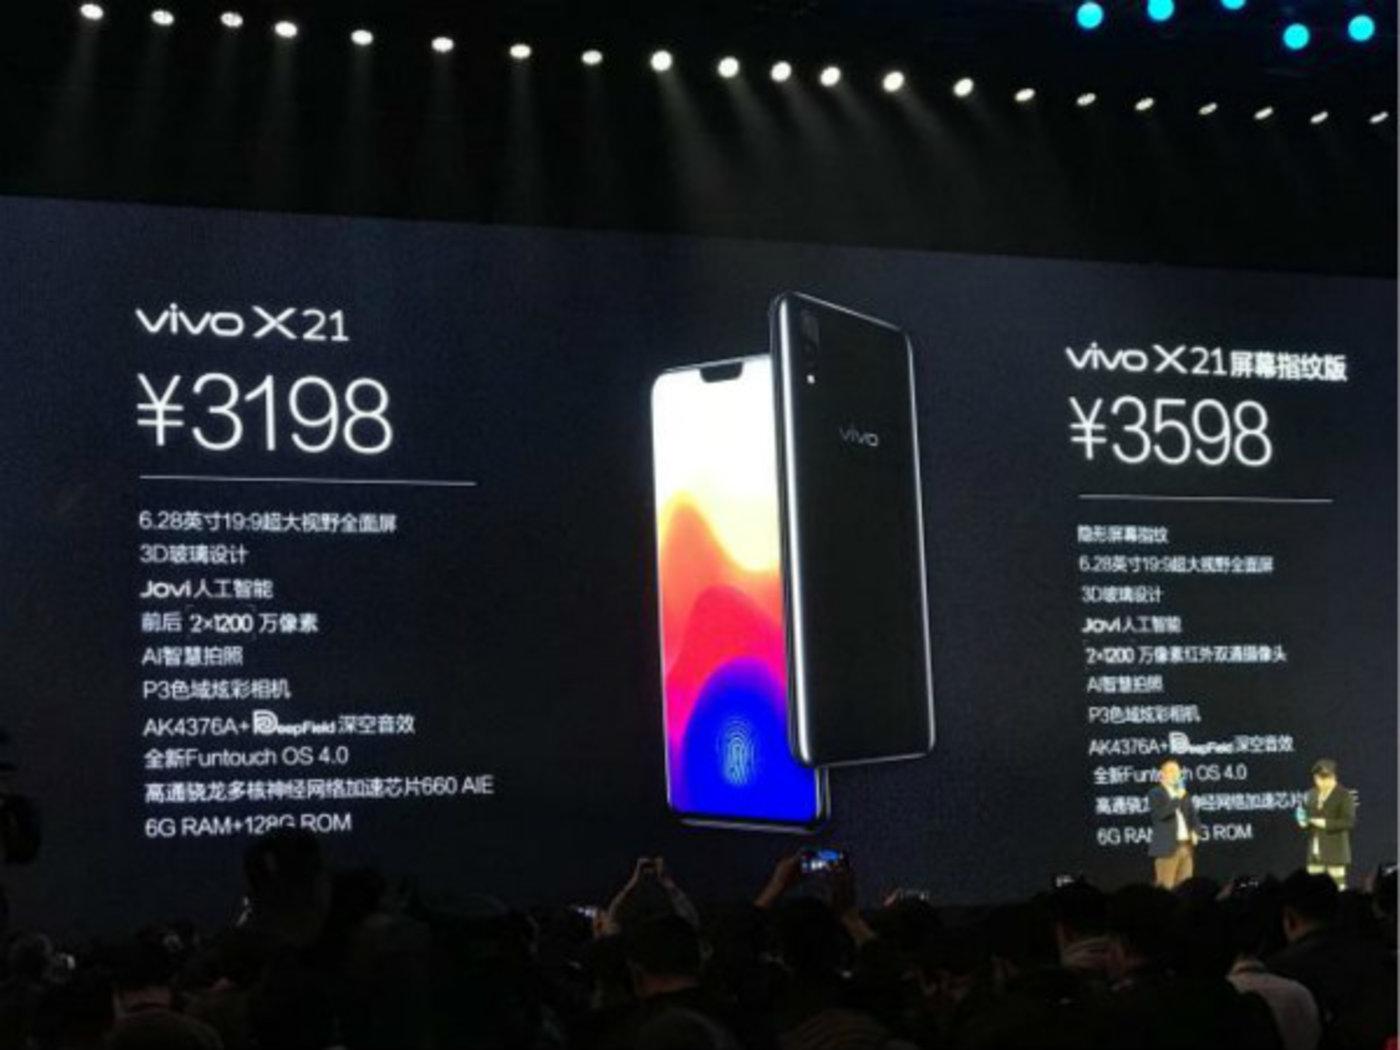 vivo x21屏幕指纹